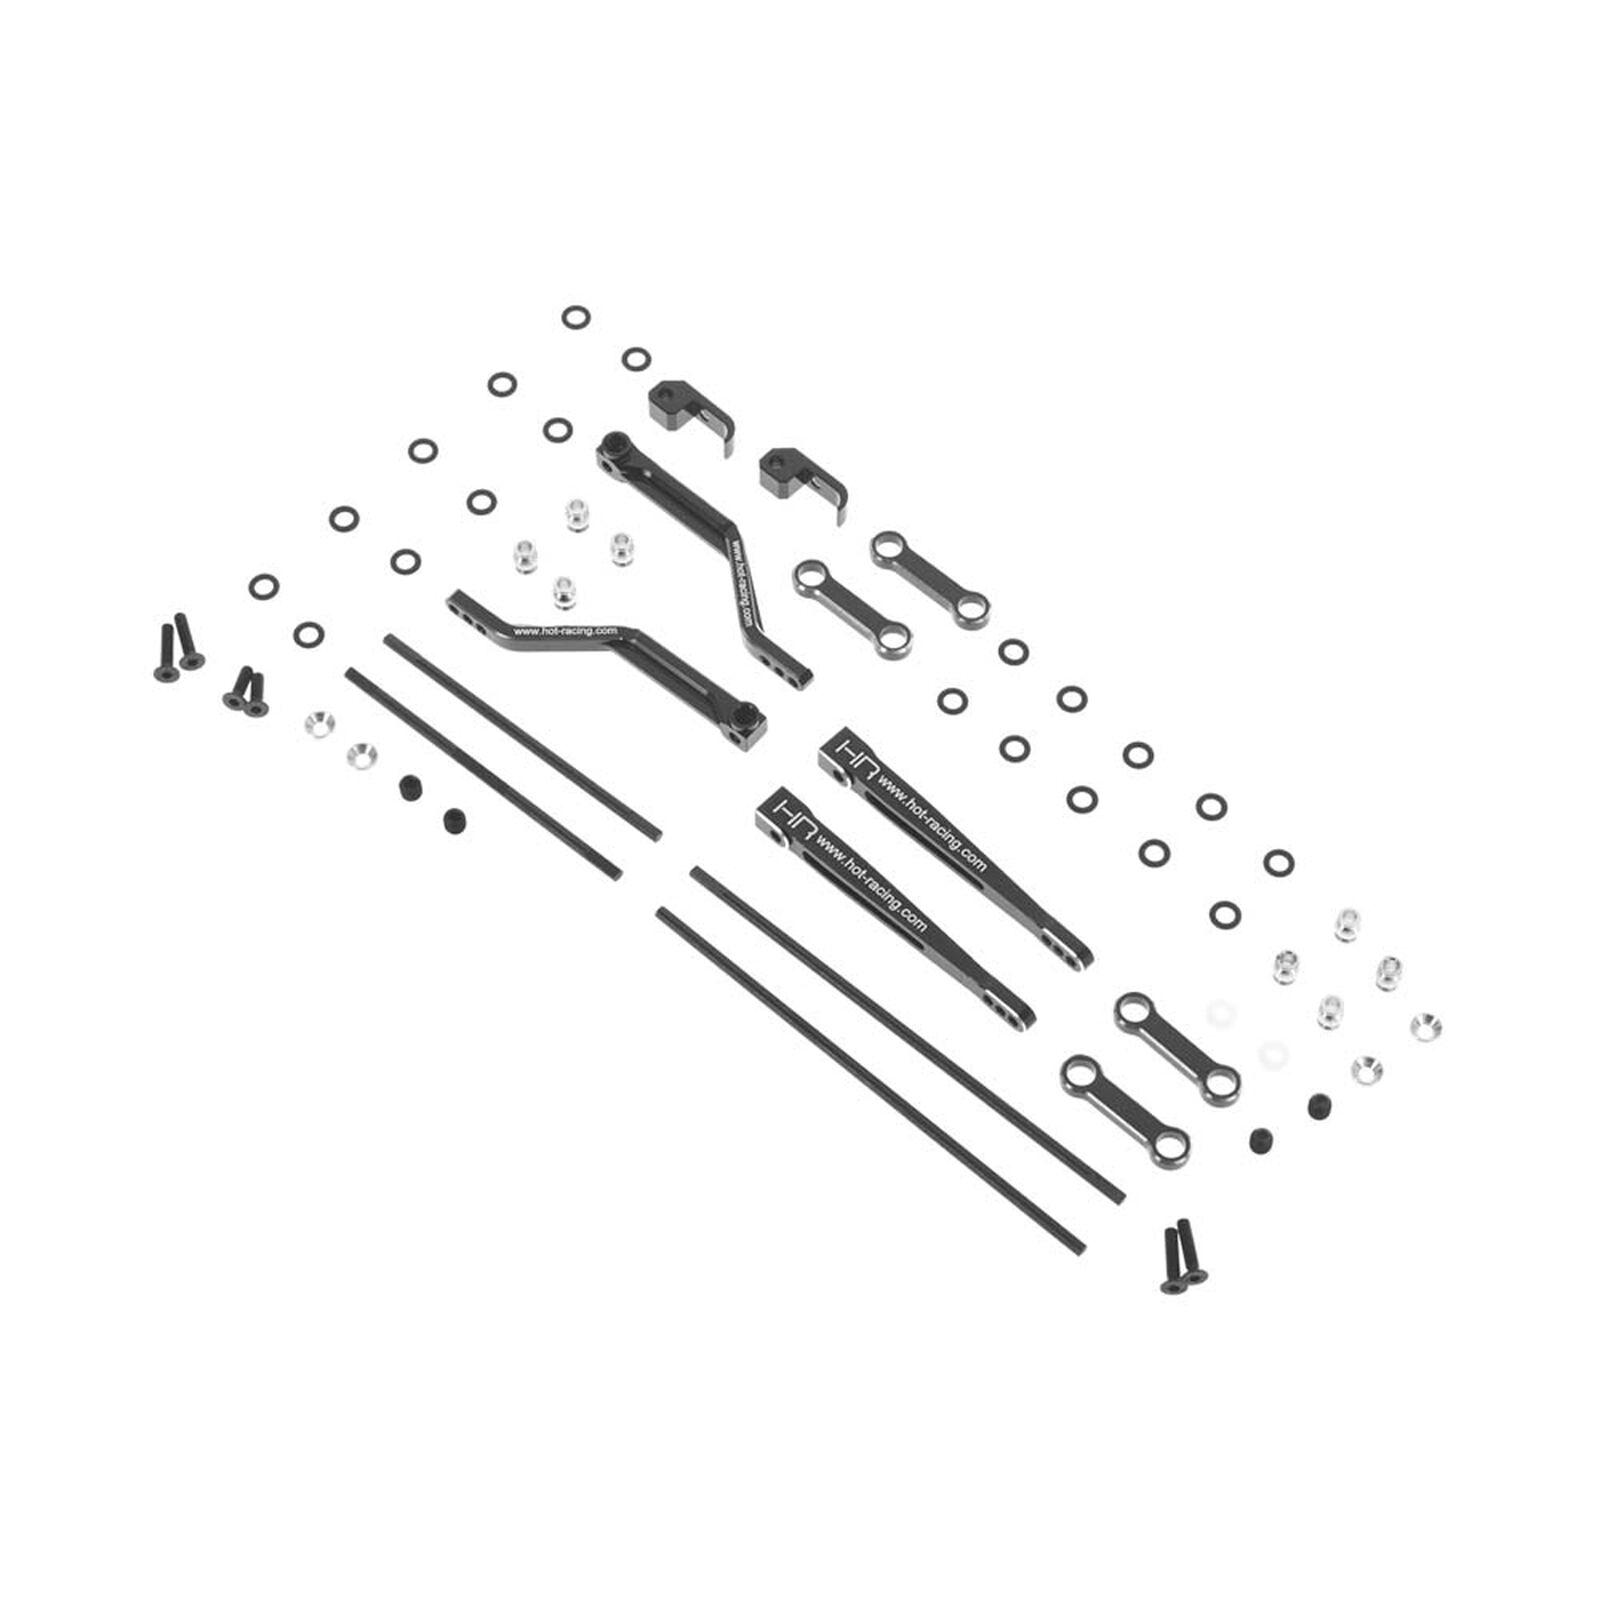 Torsion Sway Bar Set: Axial Bomber